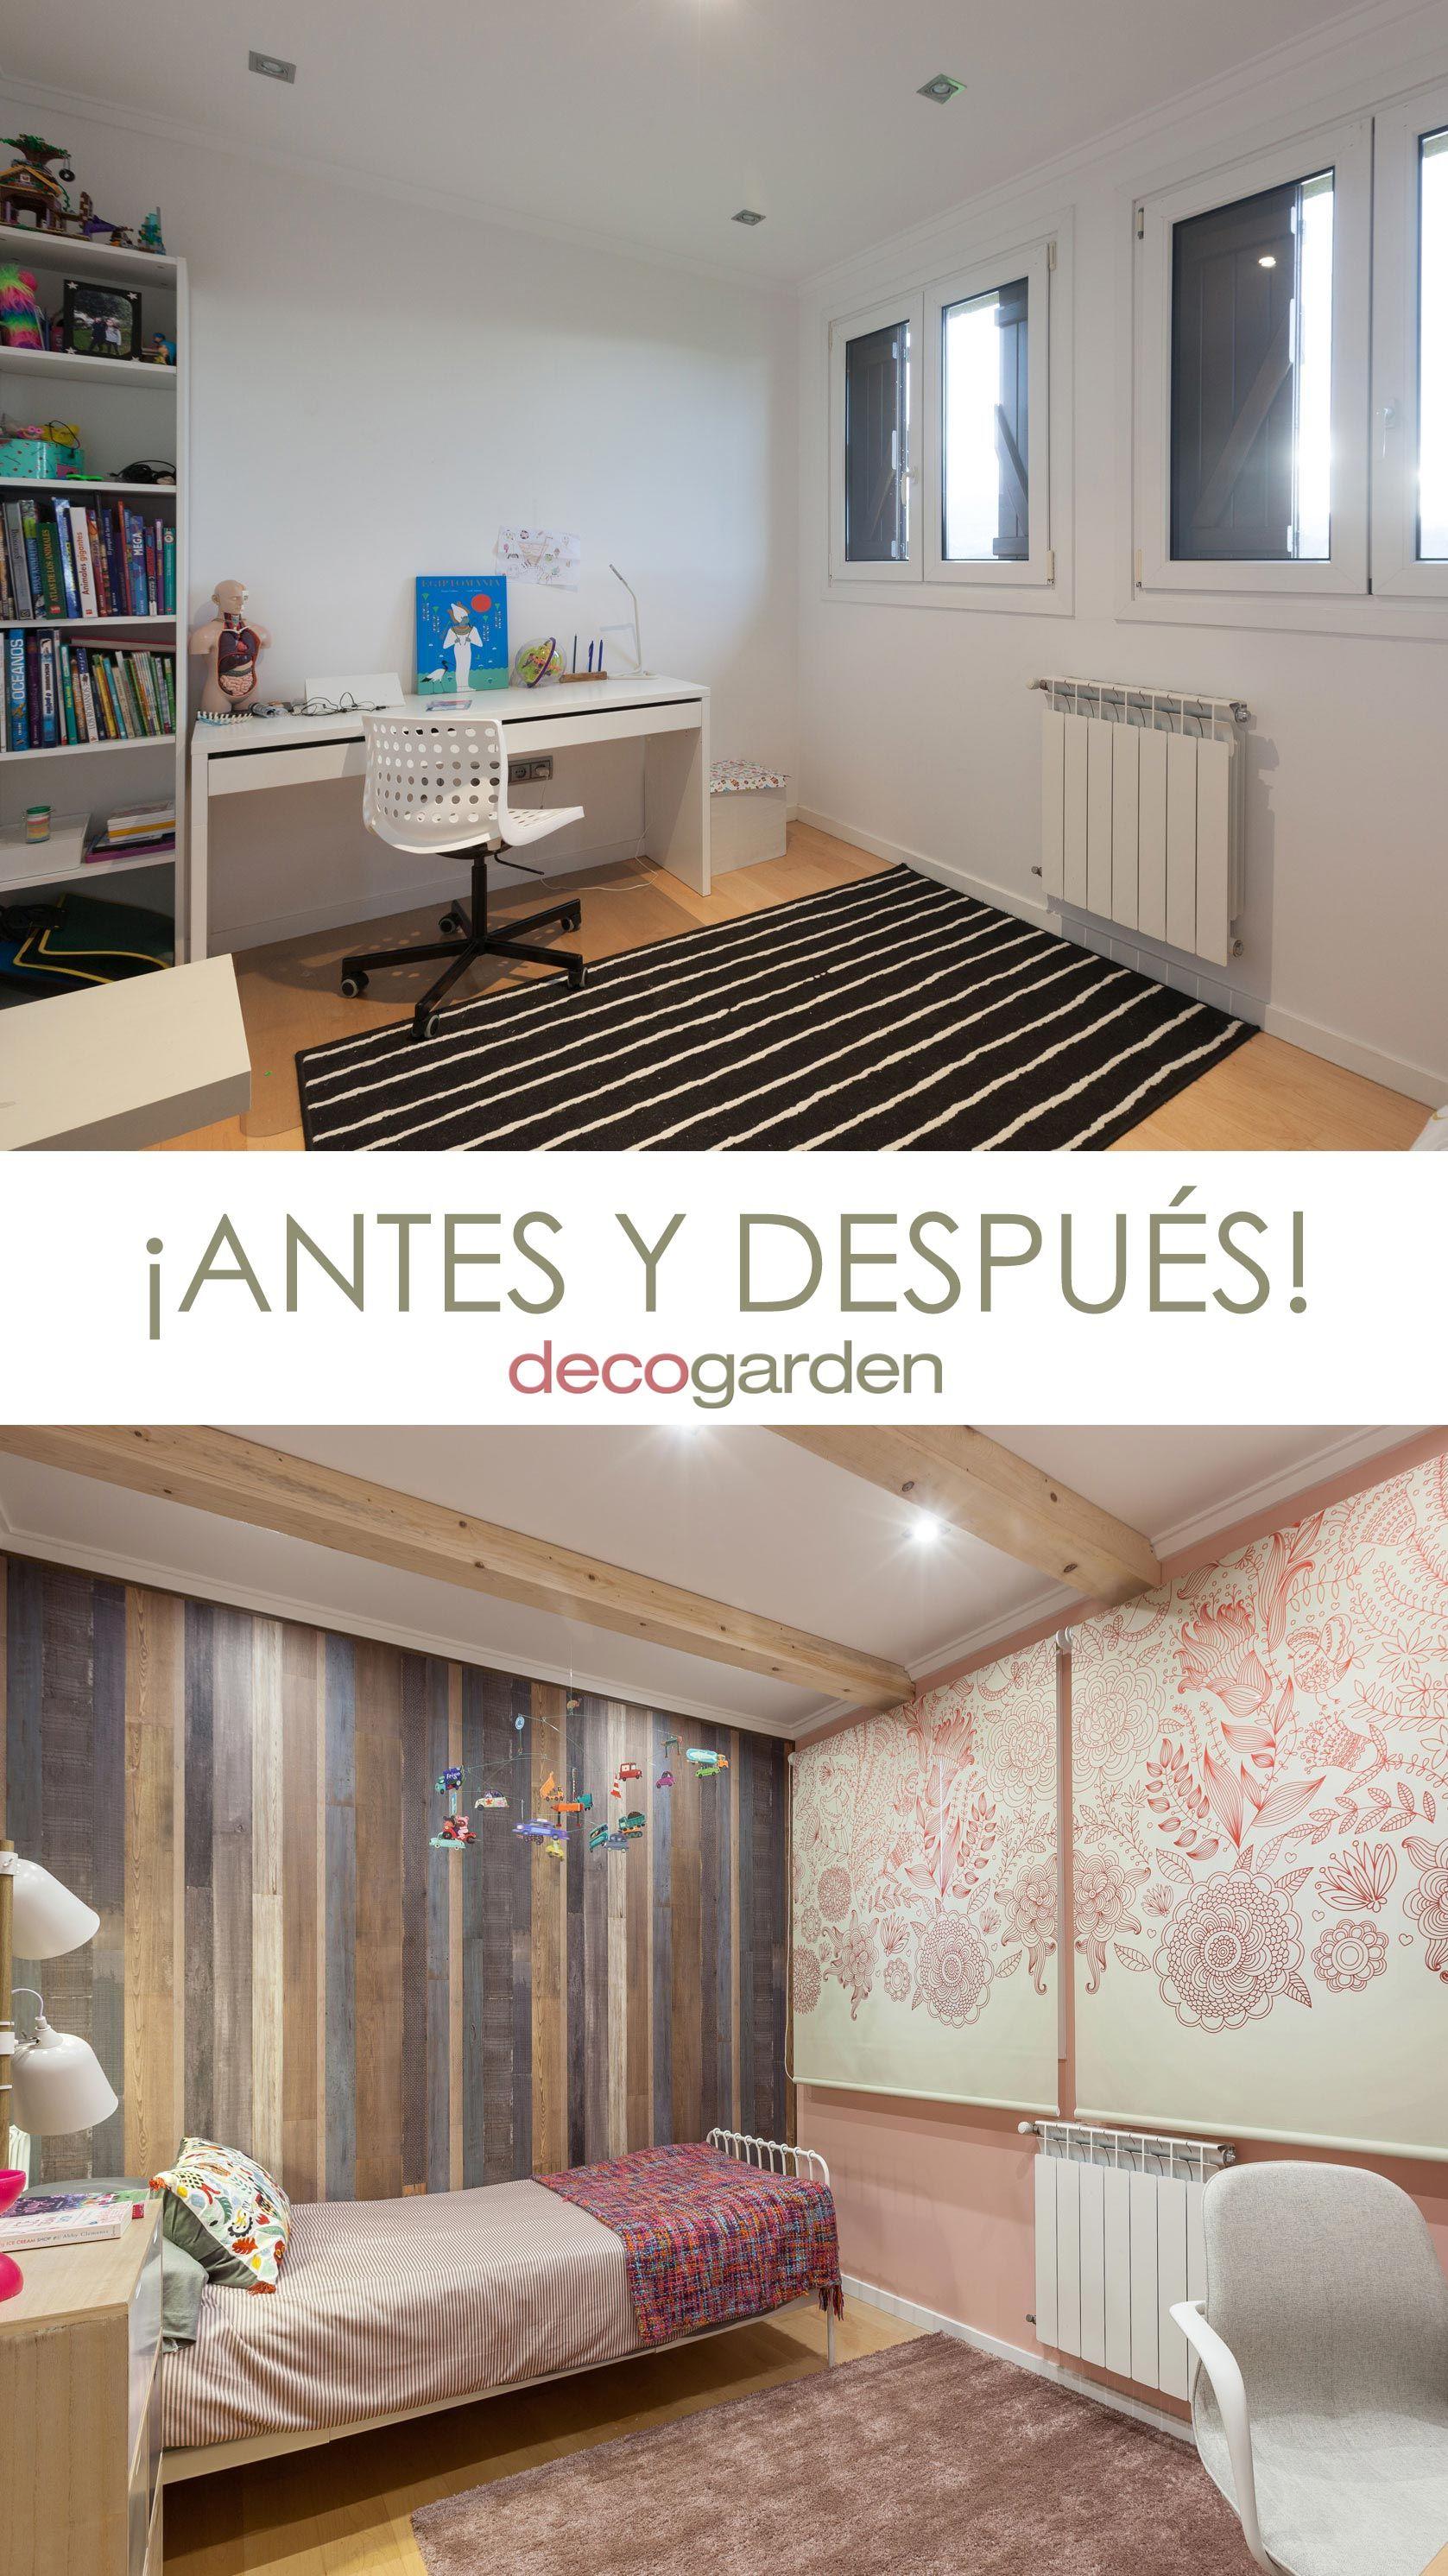 Decorar un dormitorio juvenil rústico en color rosa - antes y después